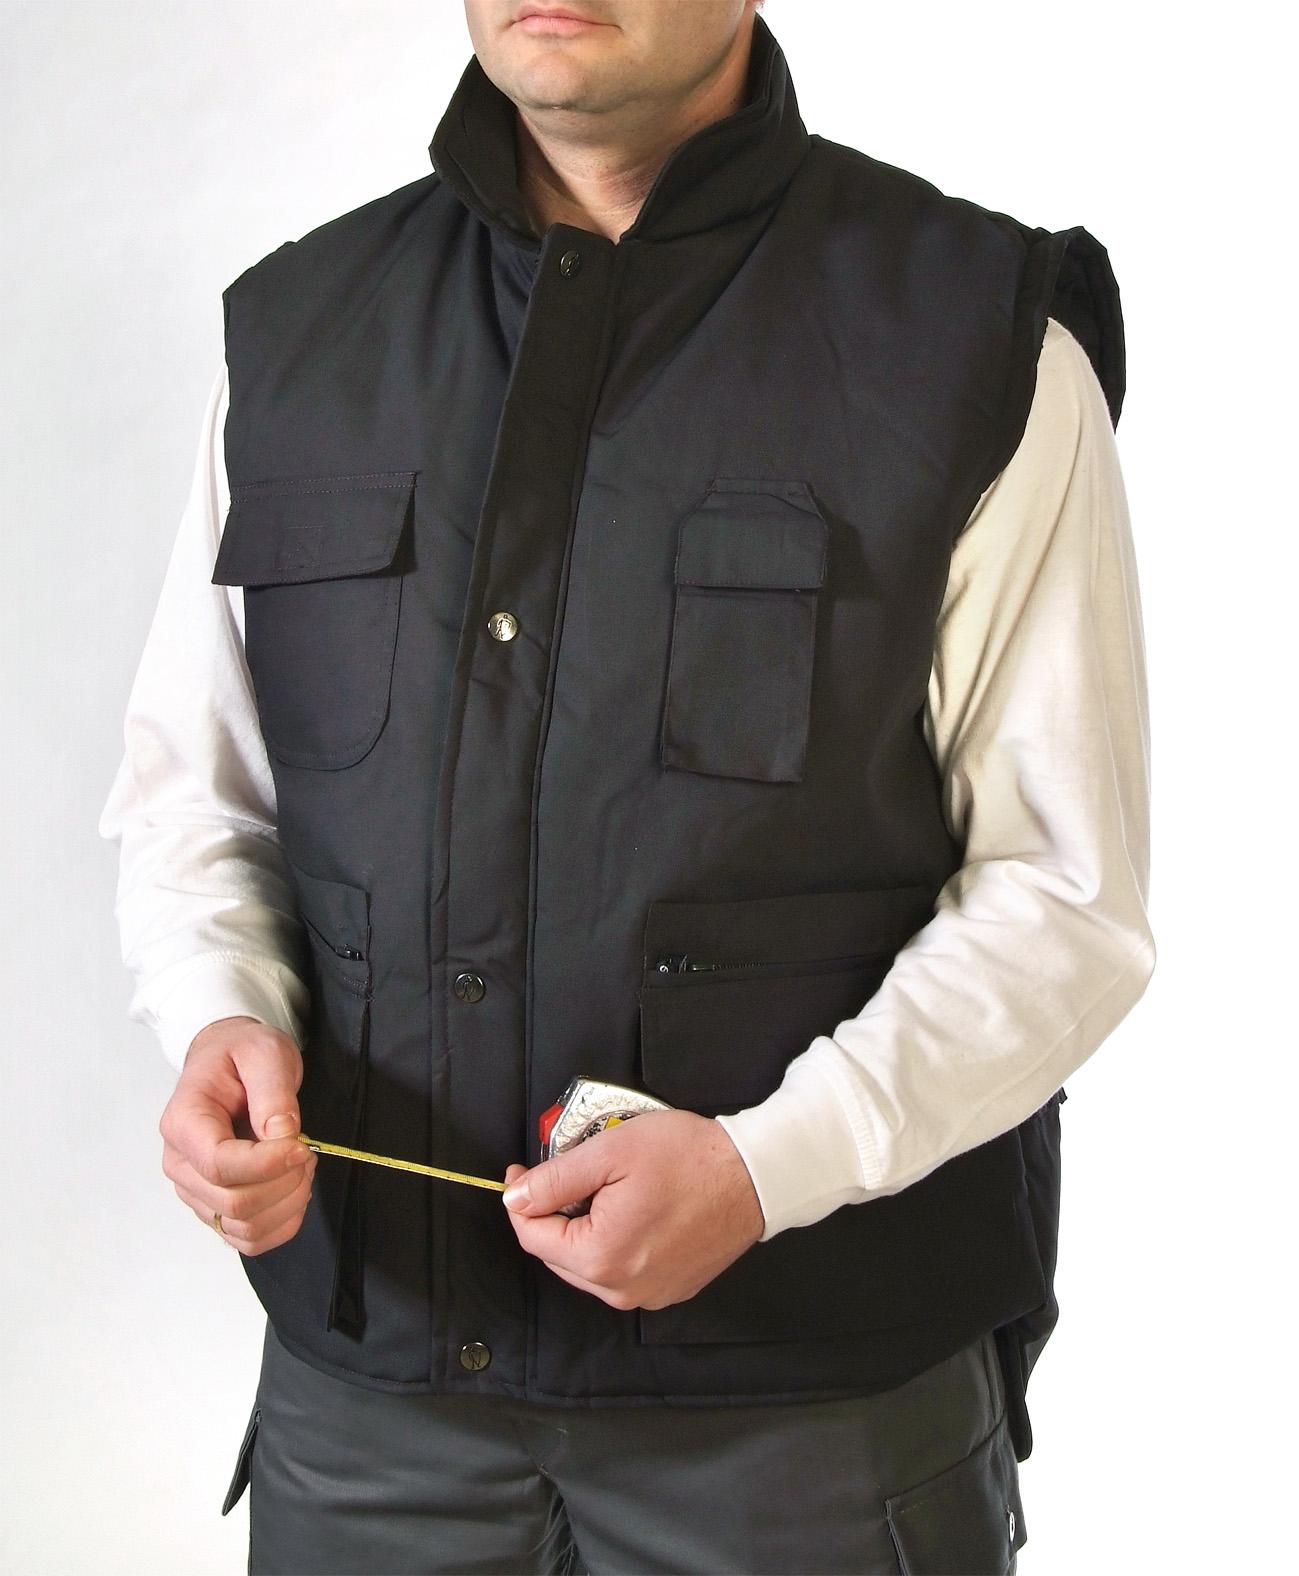 Multi pocket vest Image